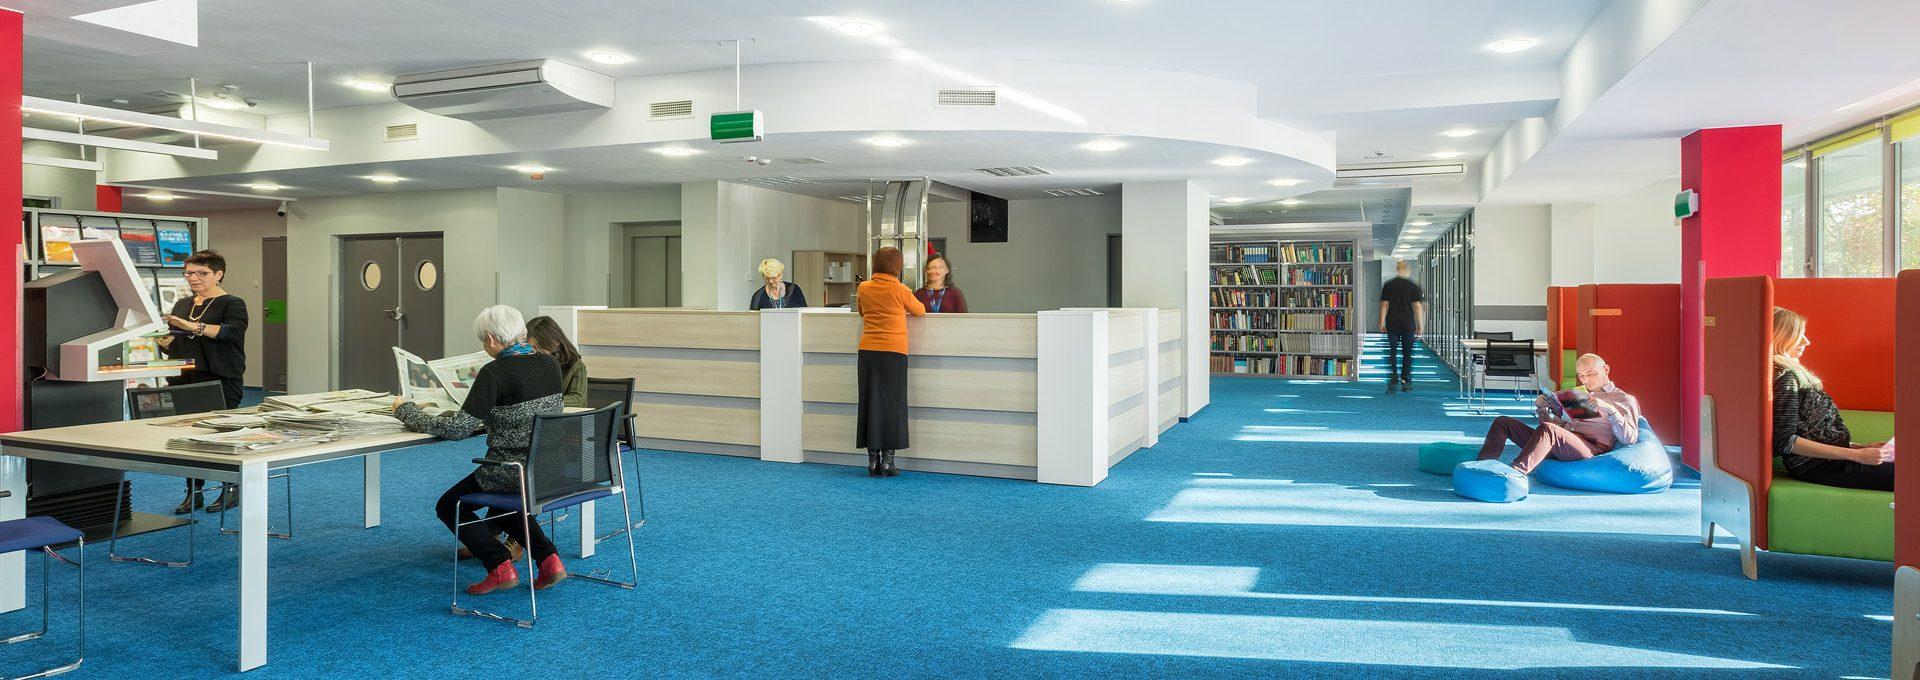 ניקוי שטיחים לספריות ומקומות ציבוריים